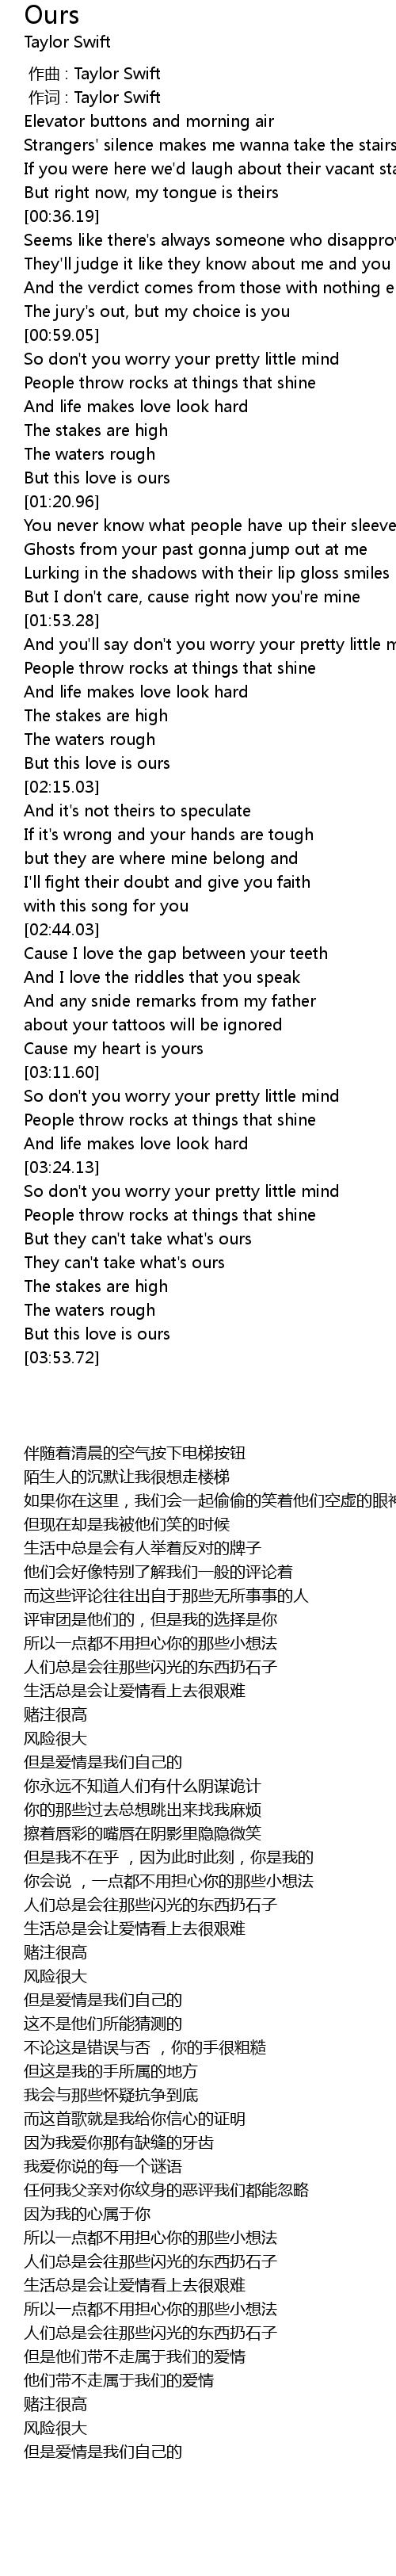 Ours Lyrics Follow Lyrics